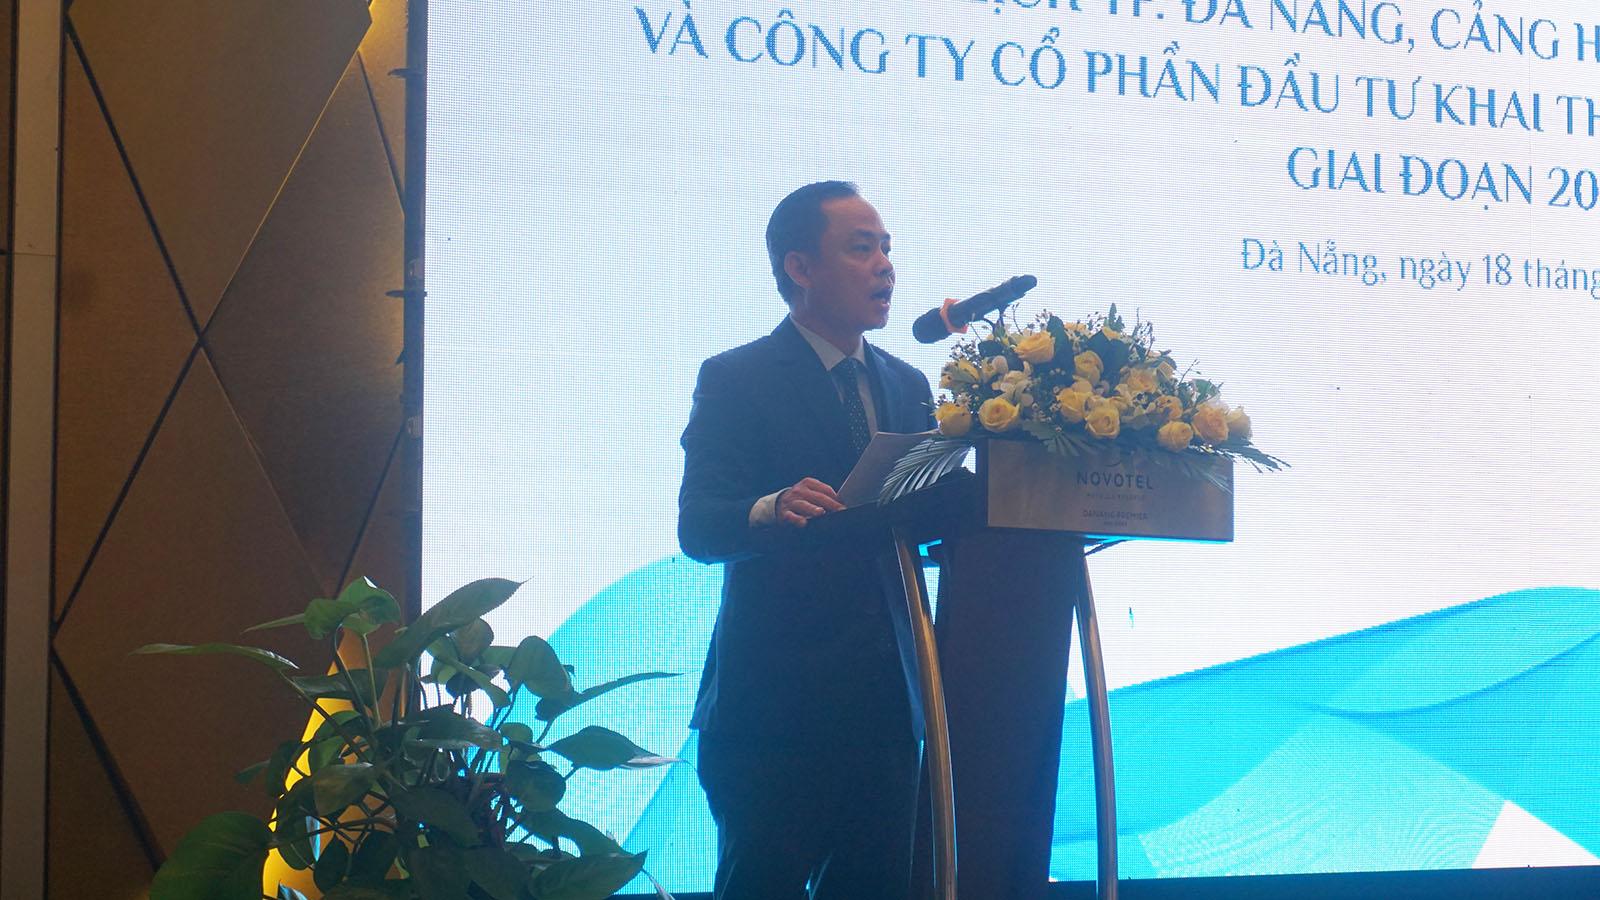 So Du Lich Tp Da Nang Cang Hang Khong Quoc Te Da Nang Cong Ty Co Phan Dau Tu Khai Thac Nha Ga Quoc Te Da Nang Day Manh Hop Tac Giai Doan 2021 2025 04